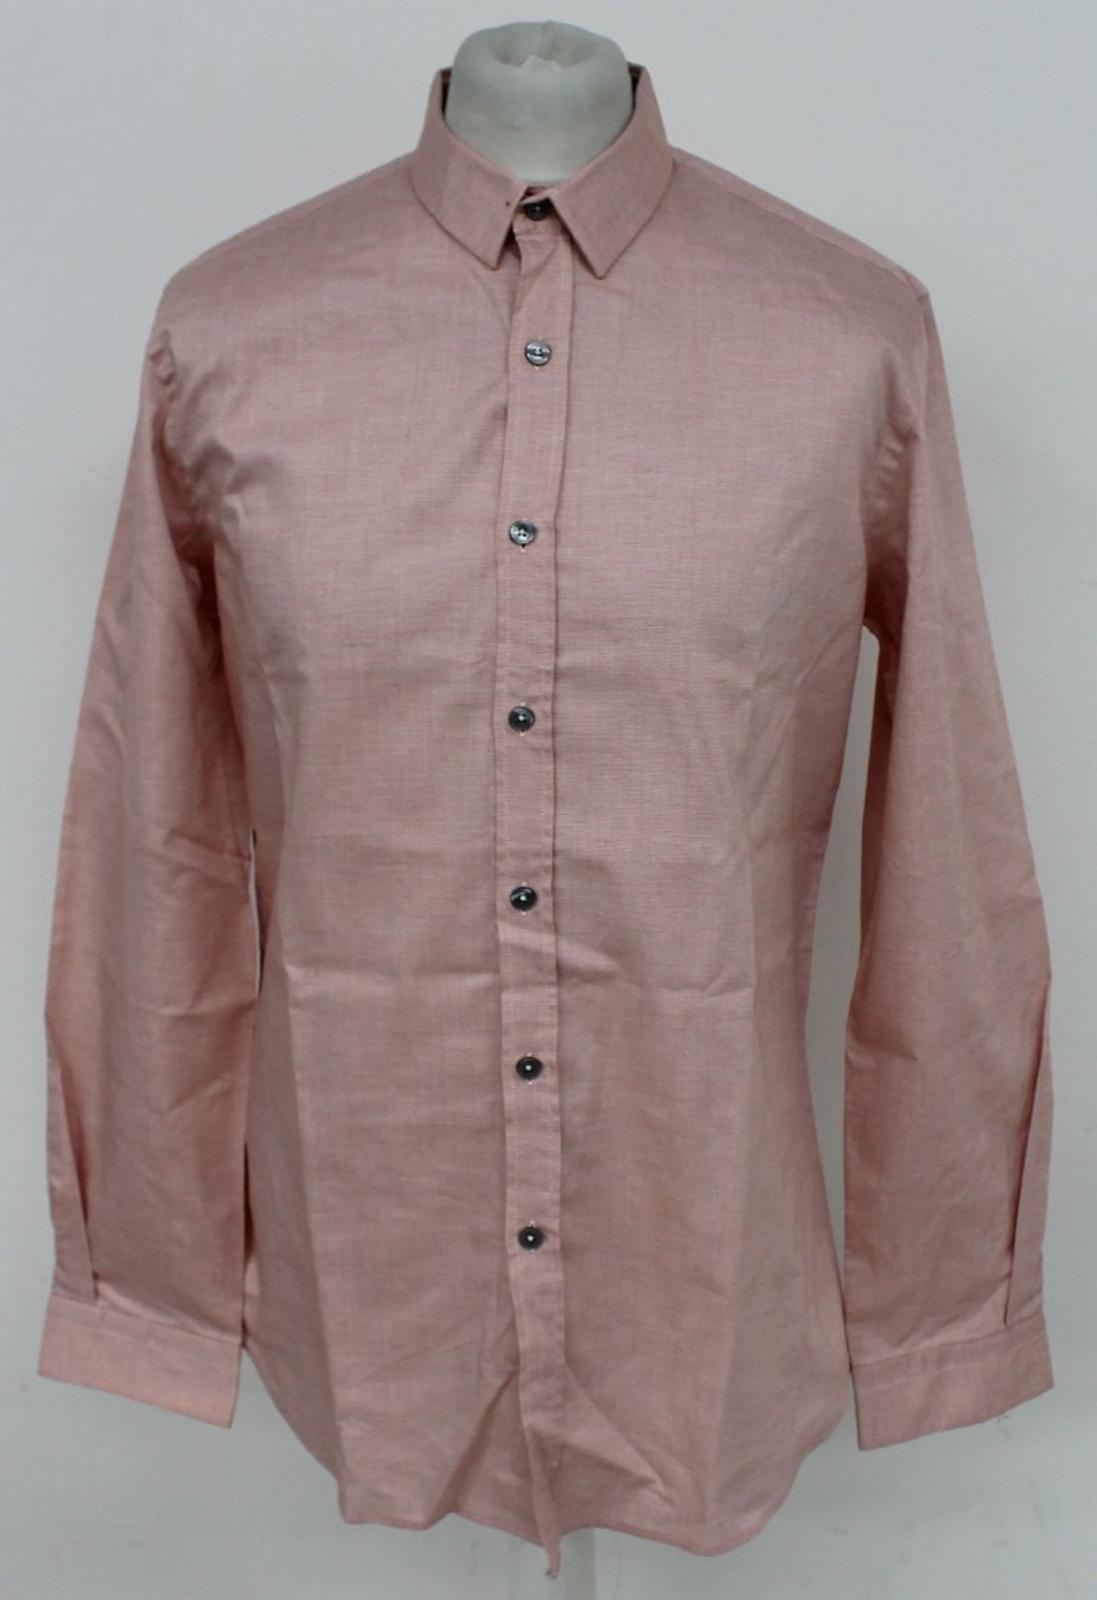 Paul-Smith-Para-Hombre-Rojo-Y-Blanco-Micro-Grafico-Impresion-a-medida-con-Camisa-Talla-17-43-Nuevo miniatura 12